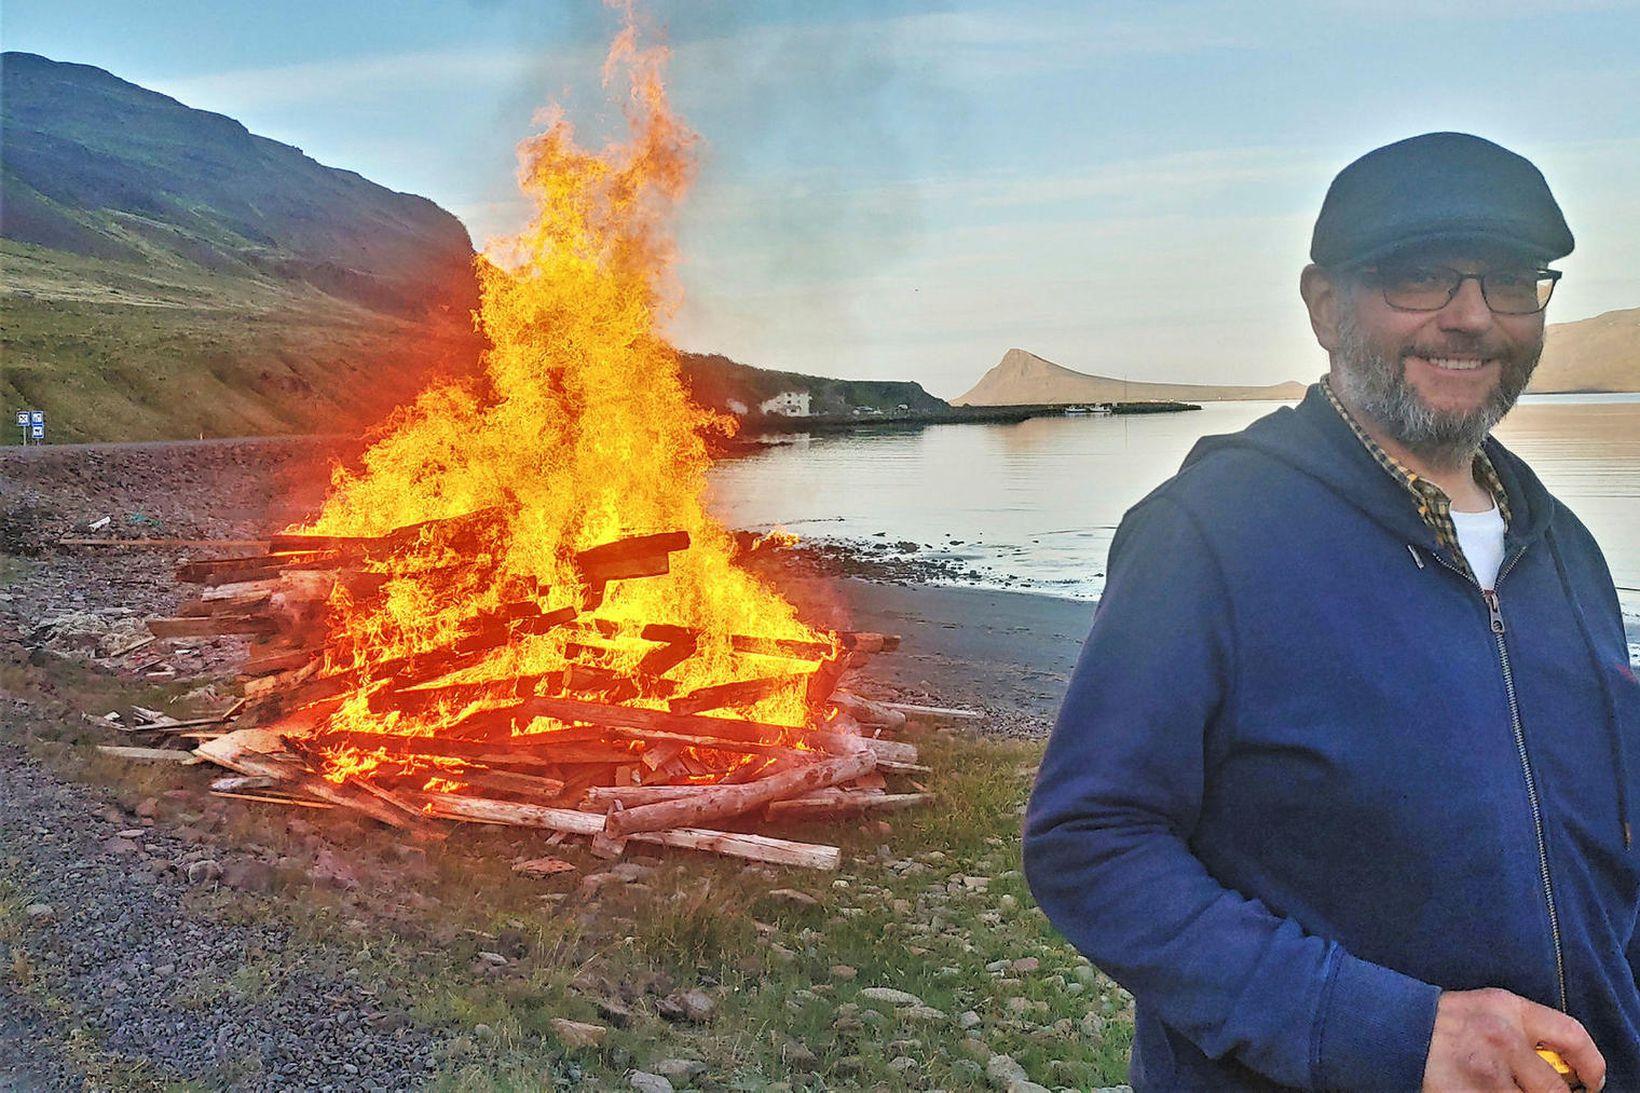 Guðlaugur í Steinstúni við varðeldinn í fjörunni í Norðurfirði.